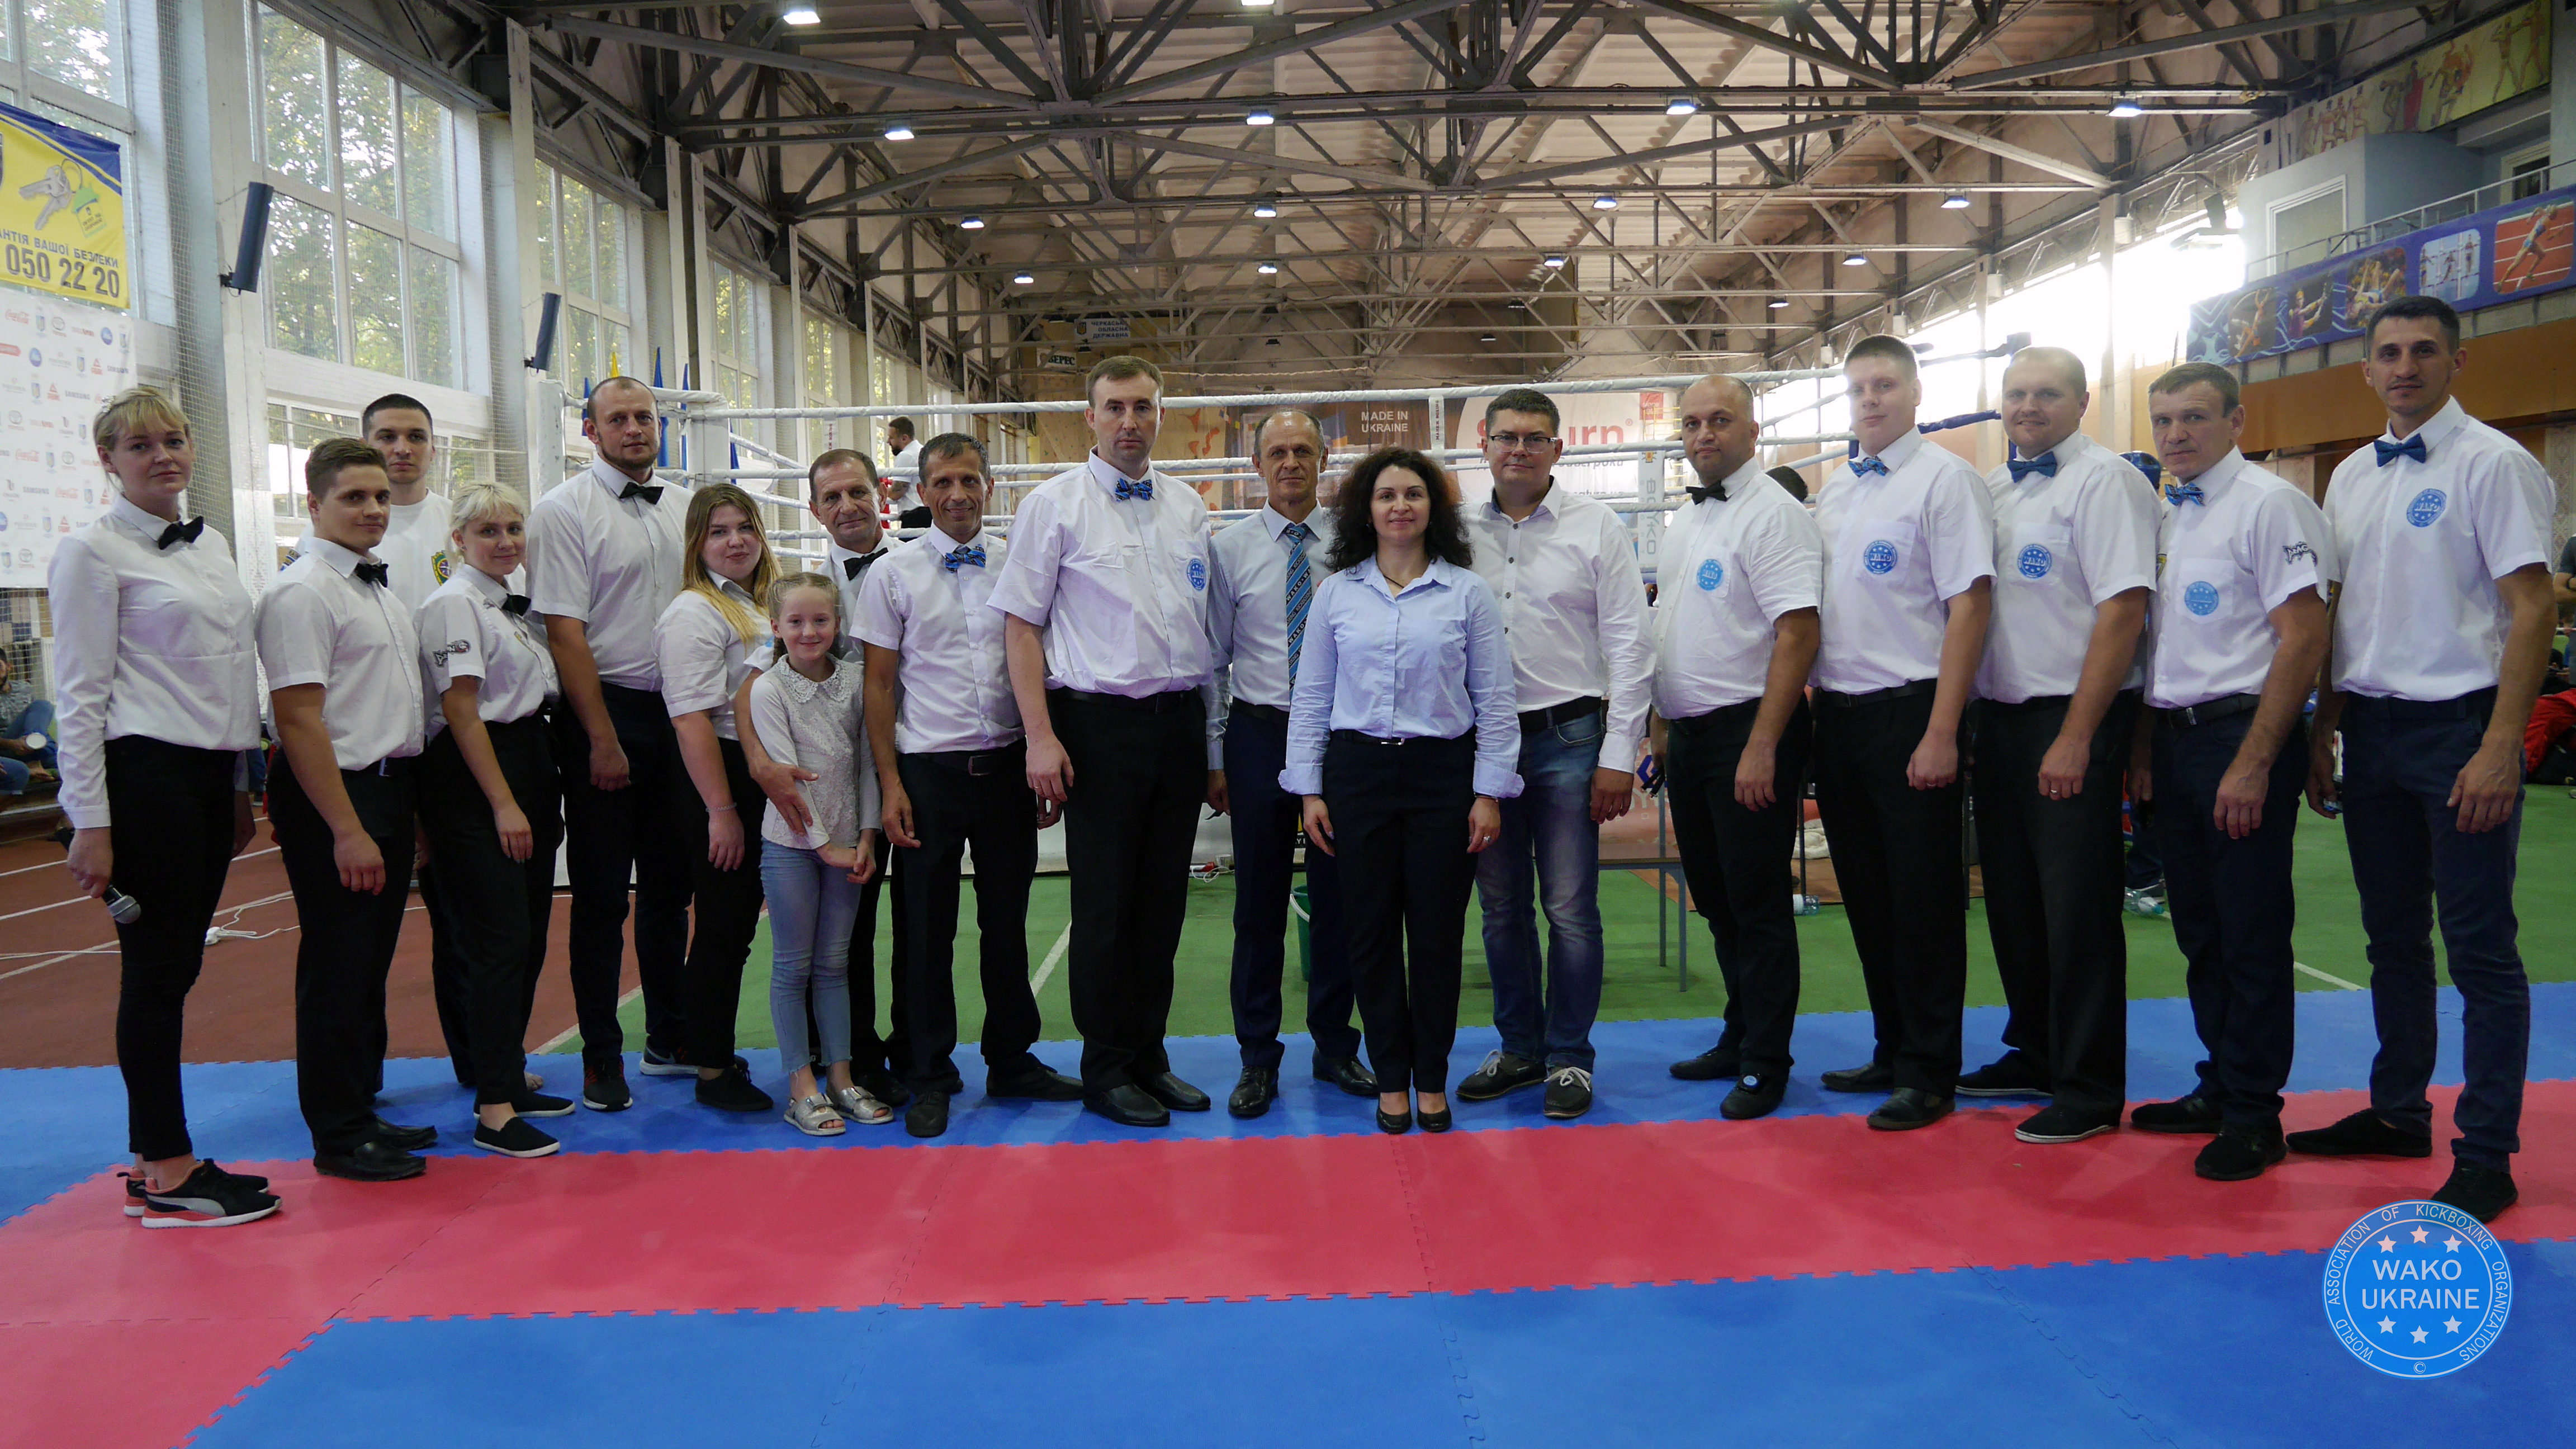 referees-cherkasy-2019 Вручення нових посвідчень суддям НФКУreferees cherkasy 2019 -